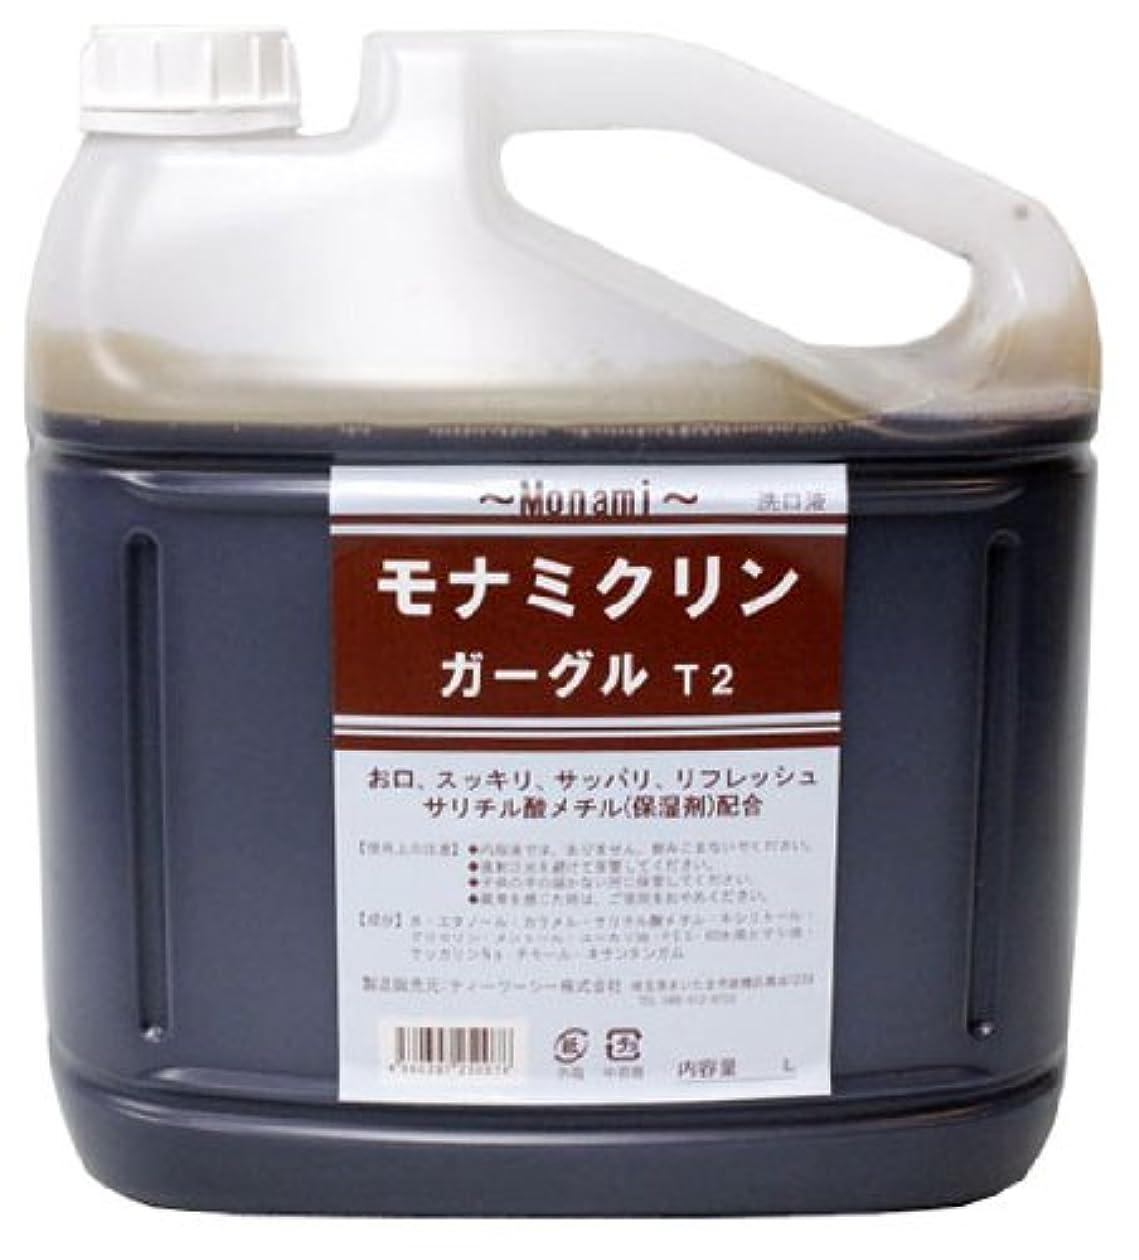 小競り合い自伝適切な【業務用】モナミ クリンガーグルT2 5リットル サリチル酸メチル配合